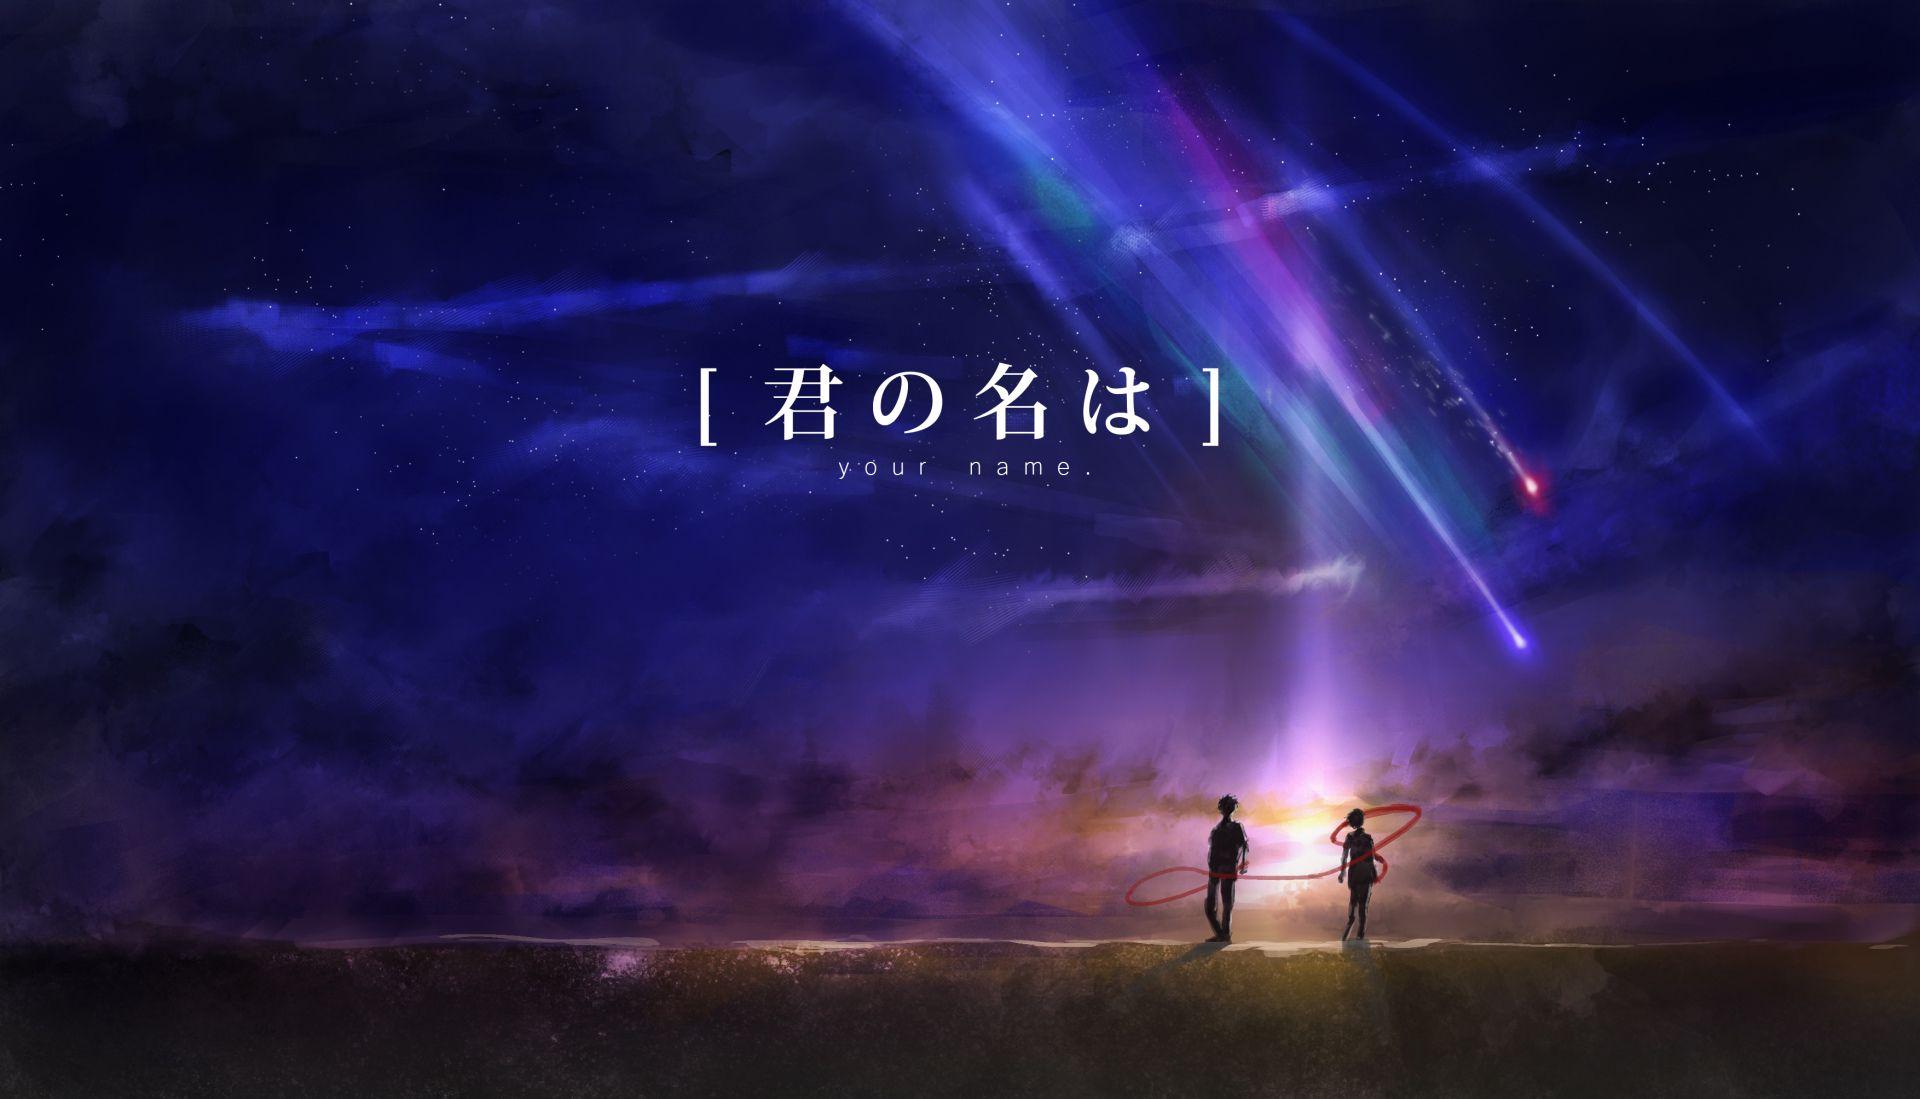 Anime Your Name Mitsuha Miyamizu Taki Tachibana Kimi No Na Wa Wallpaper Kimi No Na Wa Your Name Anime Your Name Wallpaper